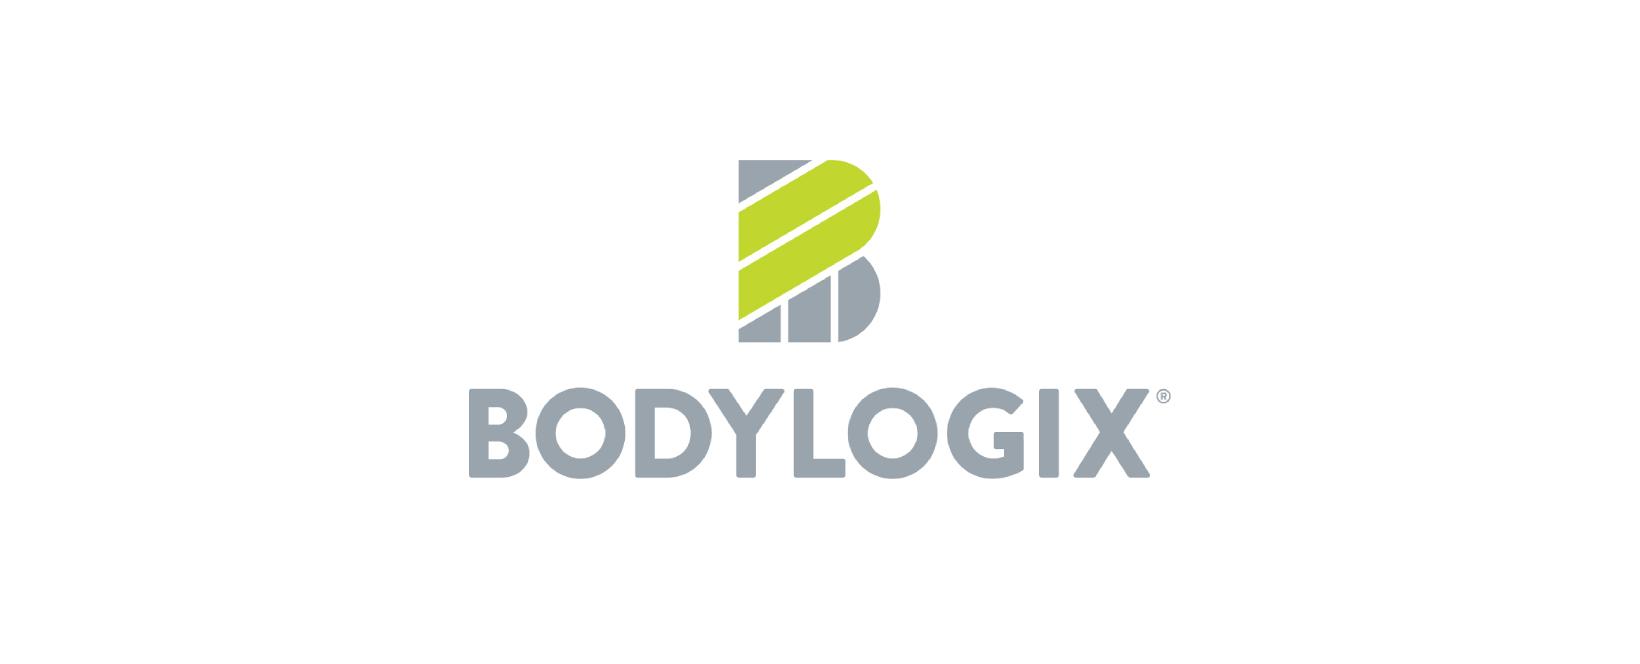 Bodylogix Coupon Code 2021